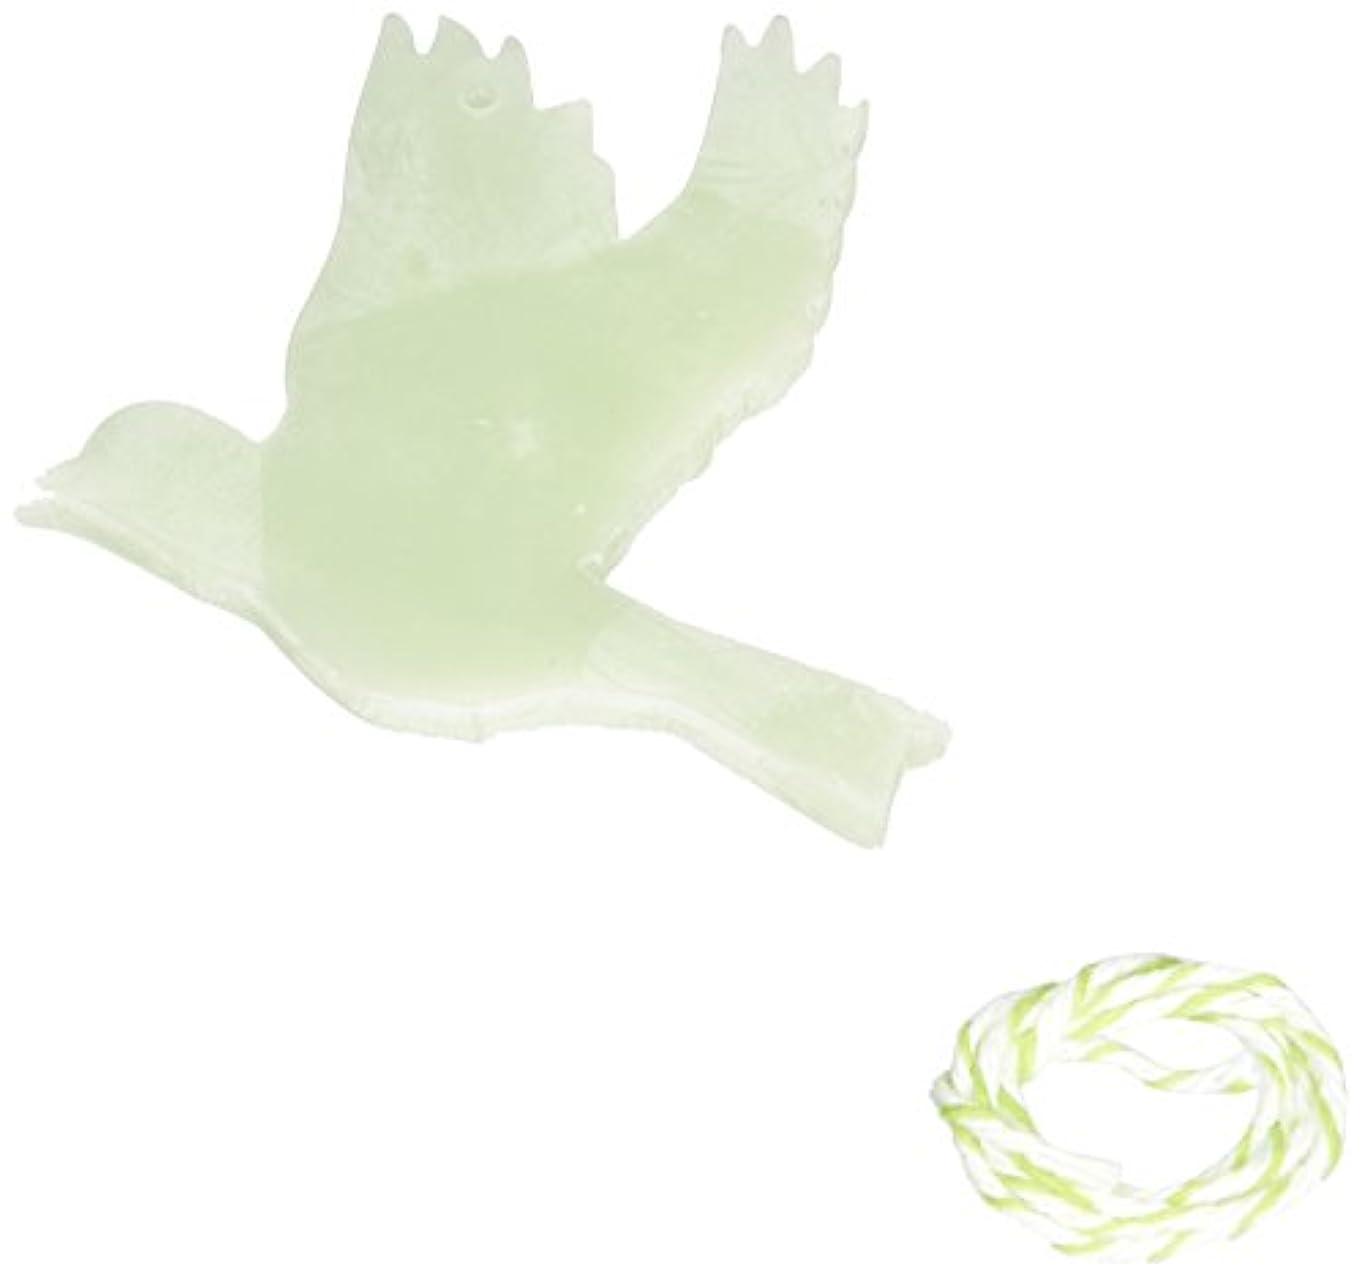 ジャングルセント注文GRASSE TOKYO AROMATICWAXチャーム「ハト」(GR) レモングラス アロマティックワックス グラーストウキョウ